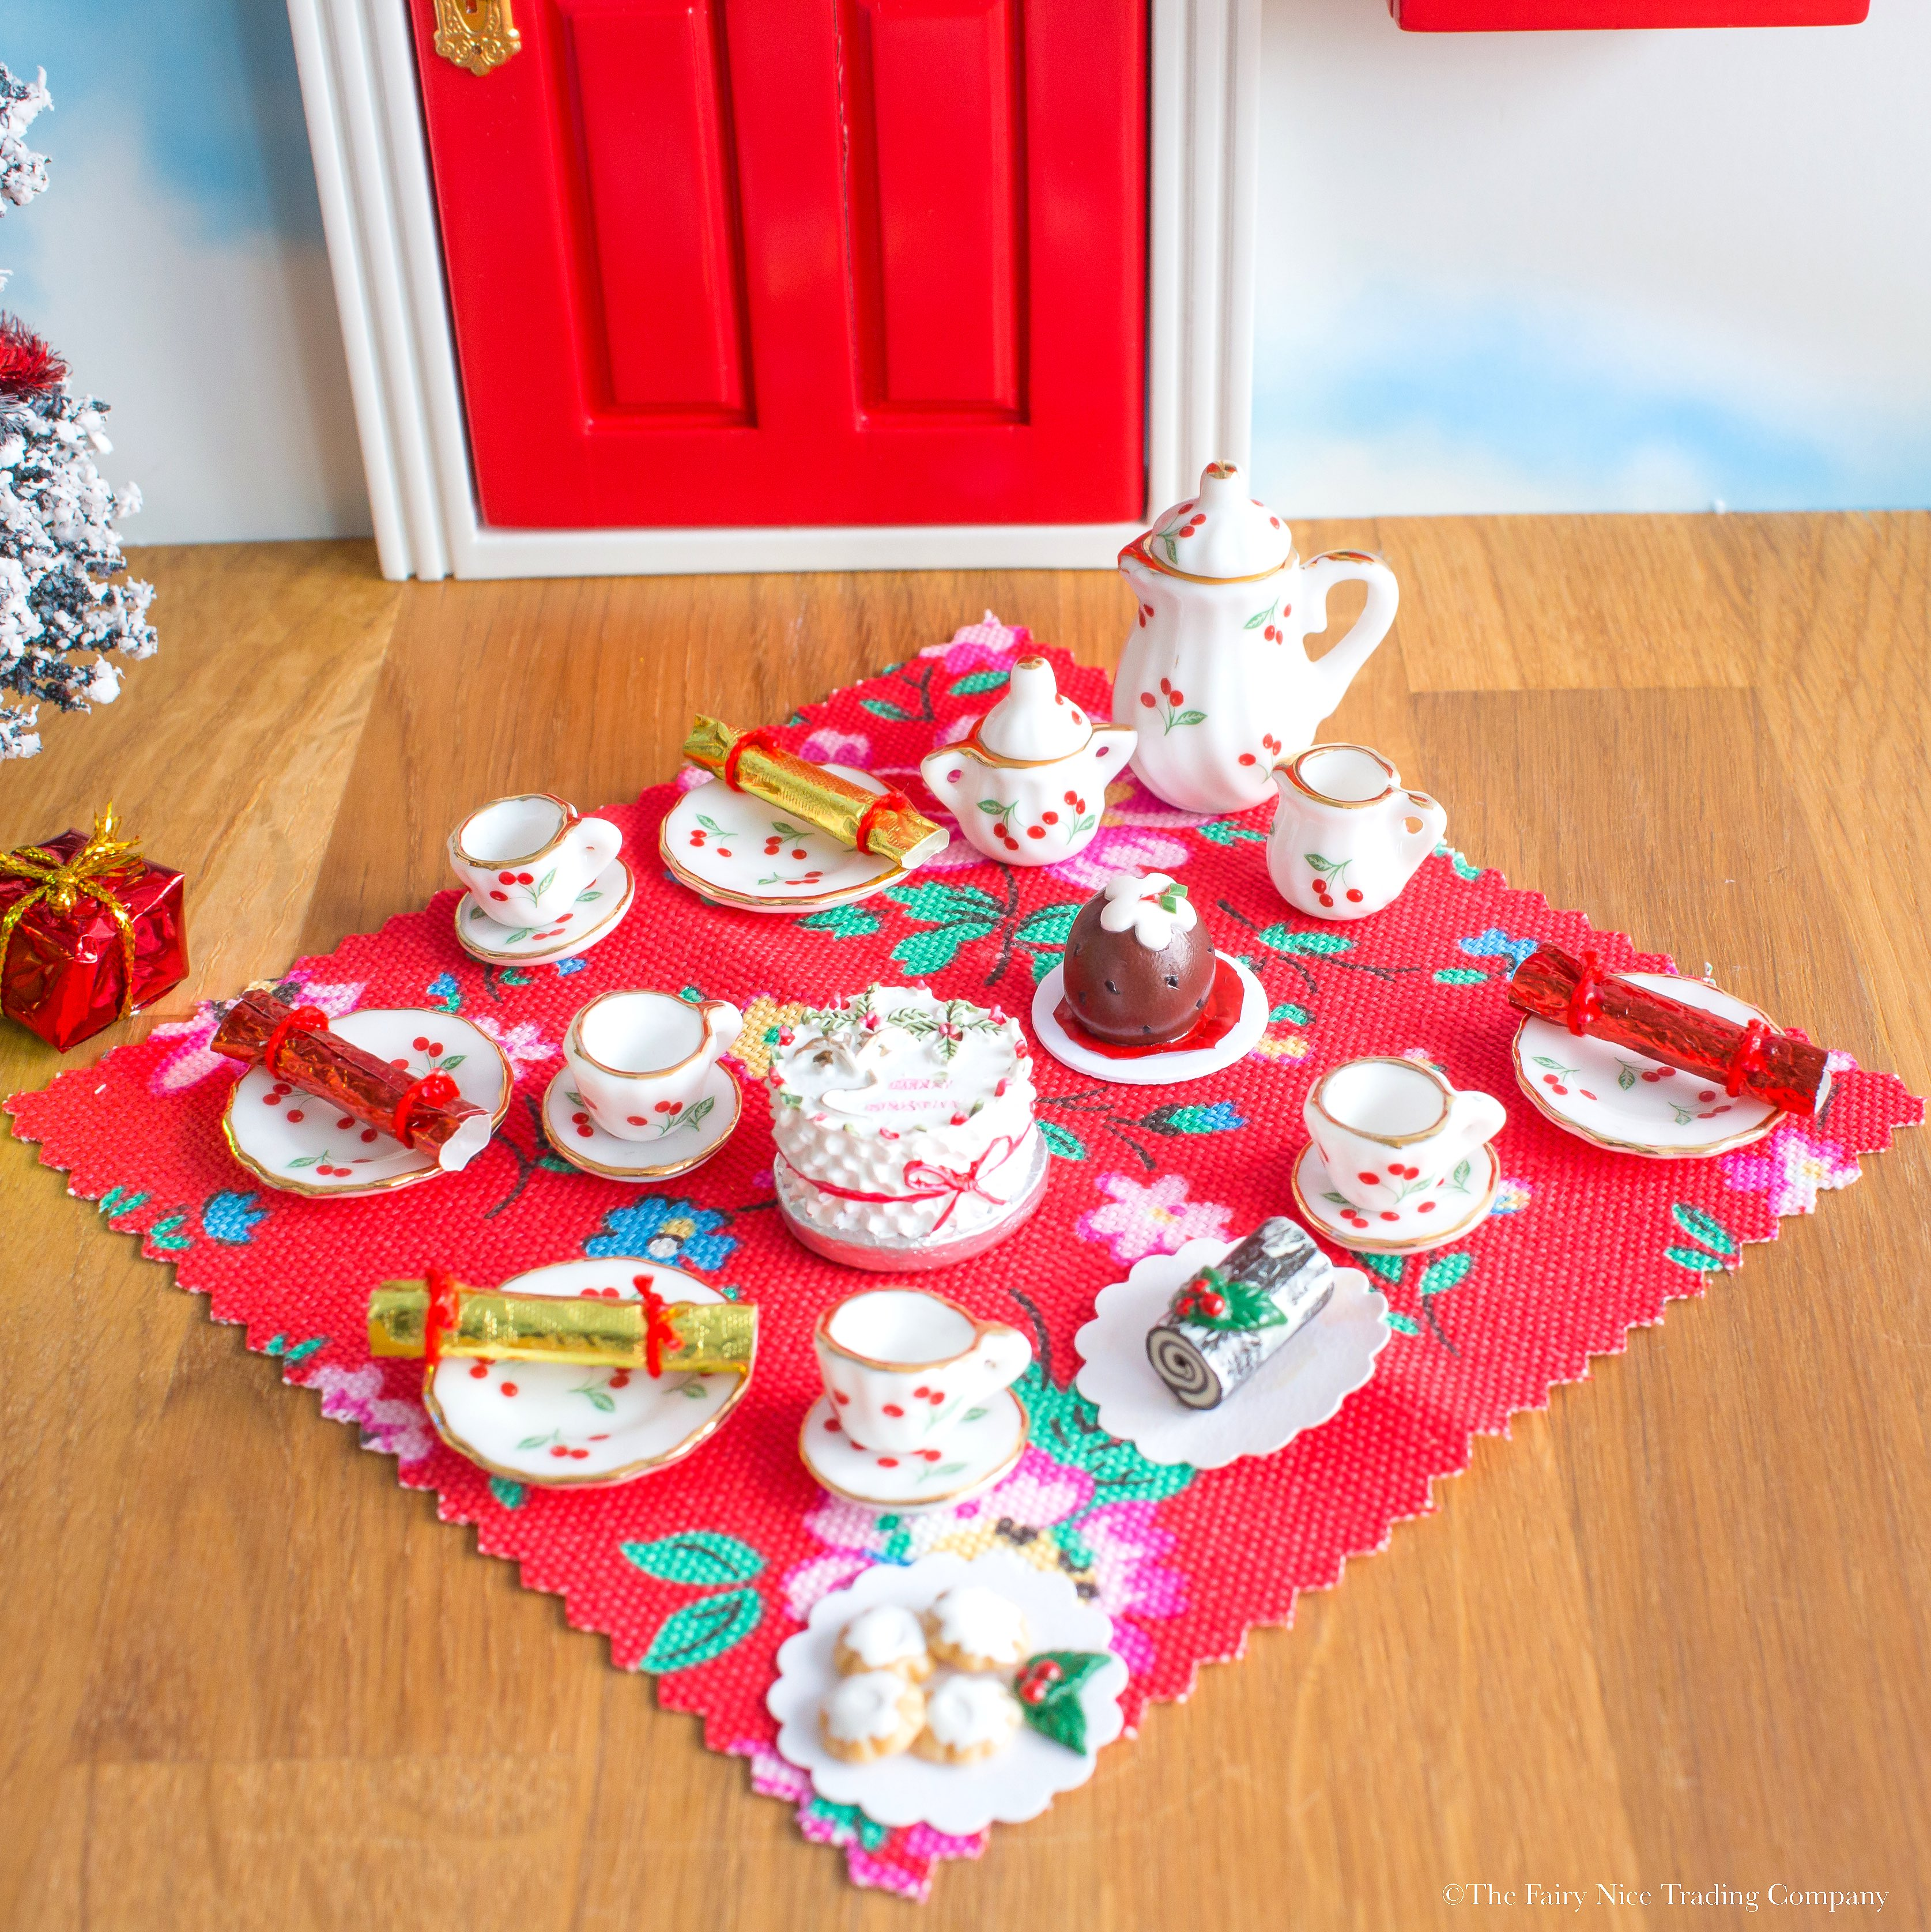 Christmas Tea Party Ideas: Fairy Door Christmas Tea Party Accessory Set